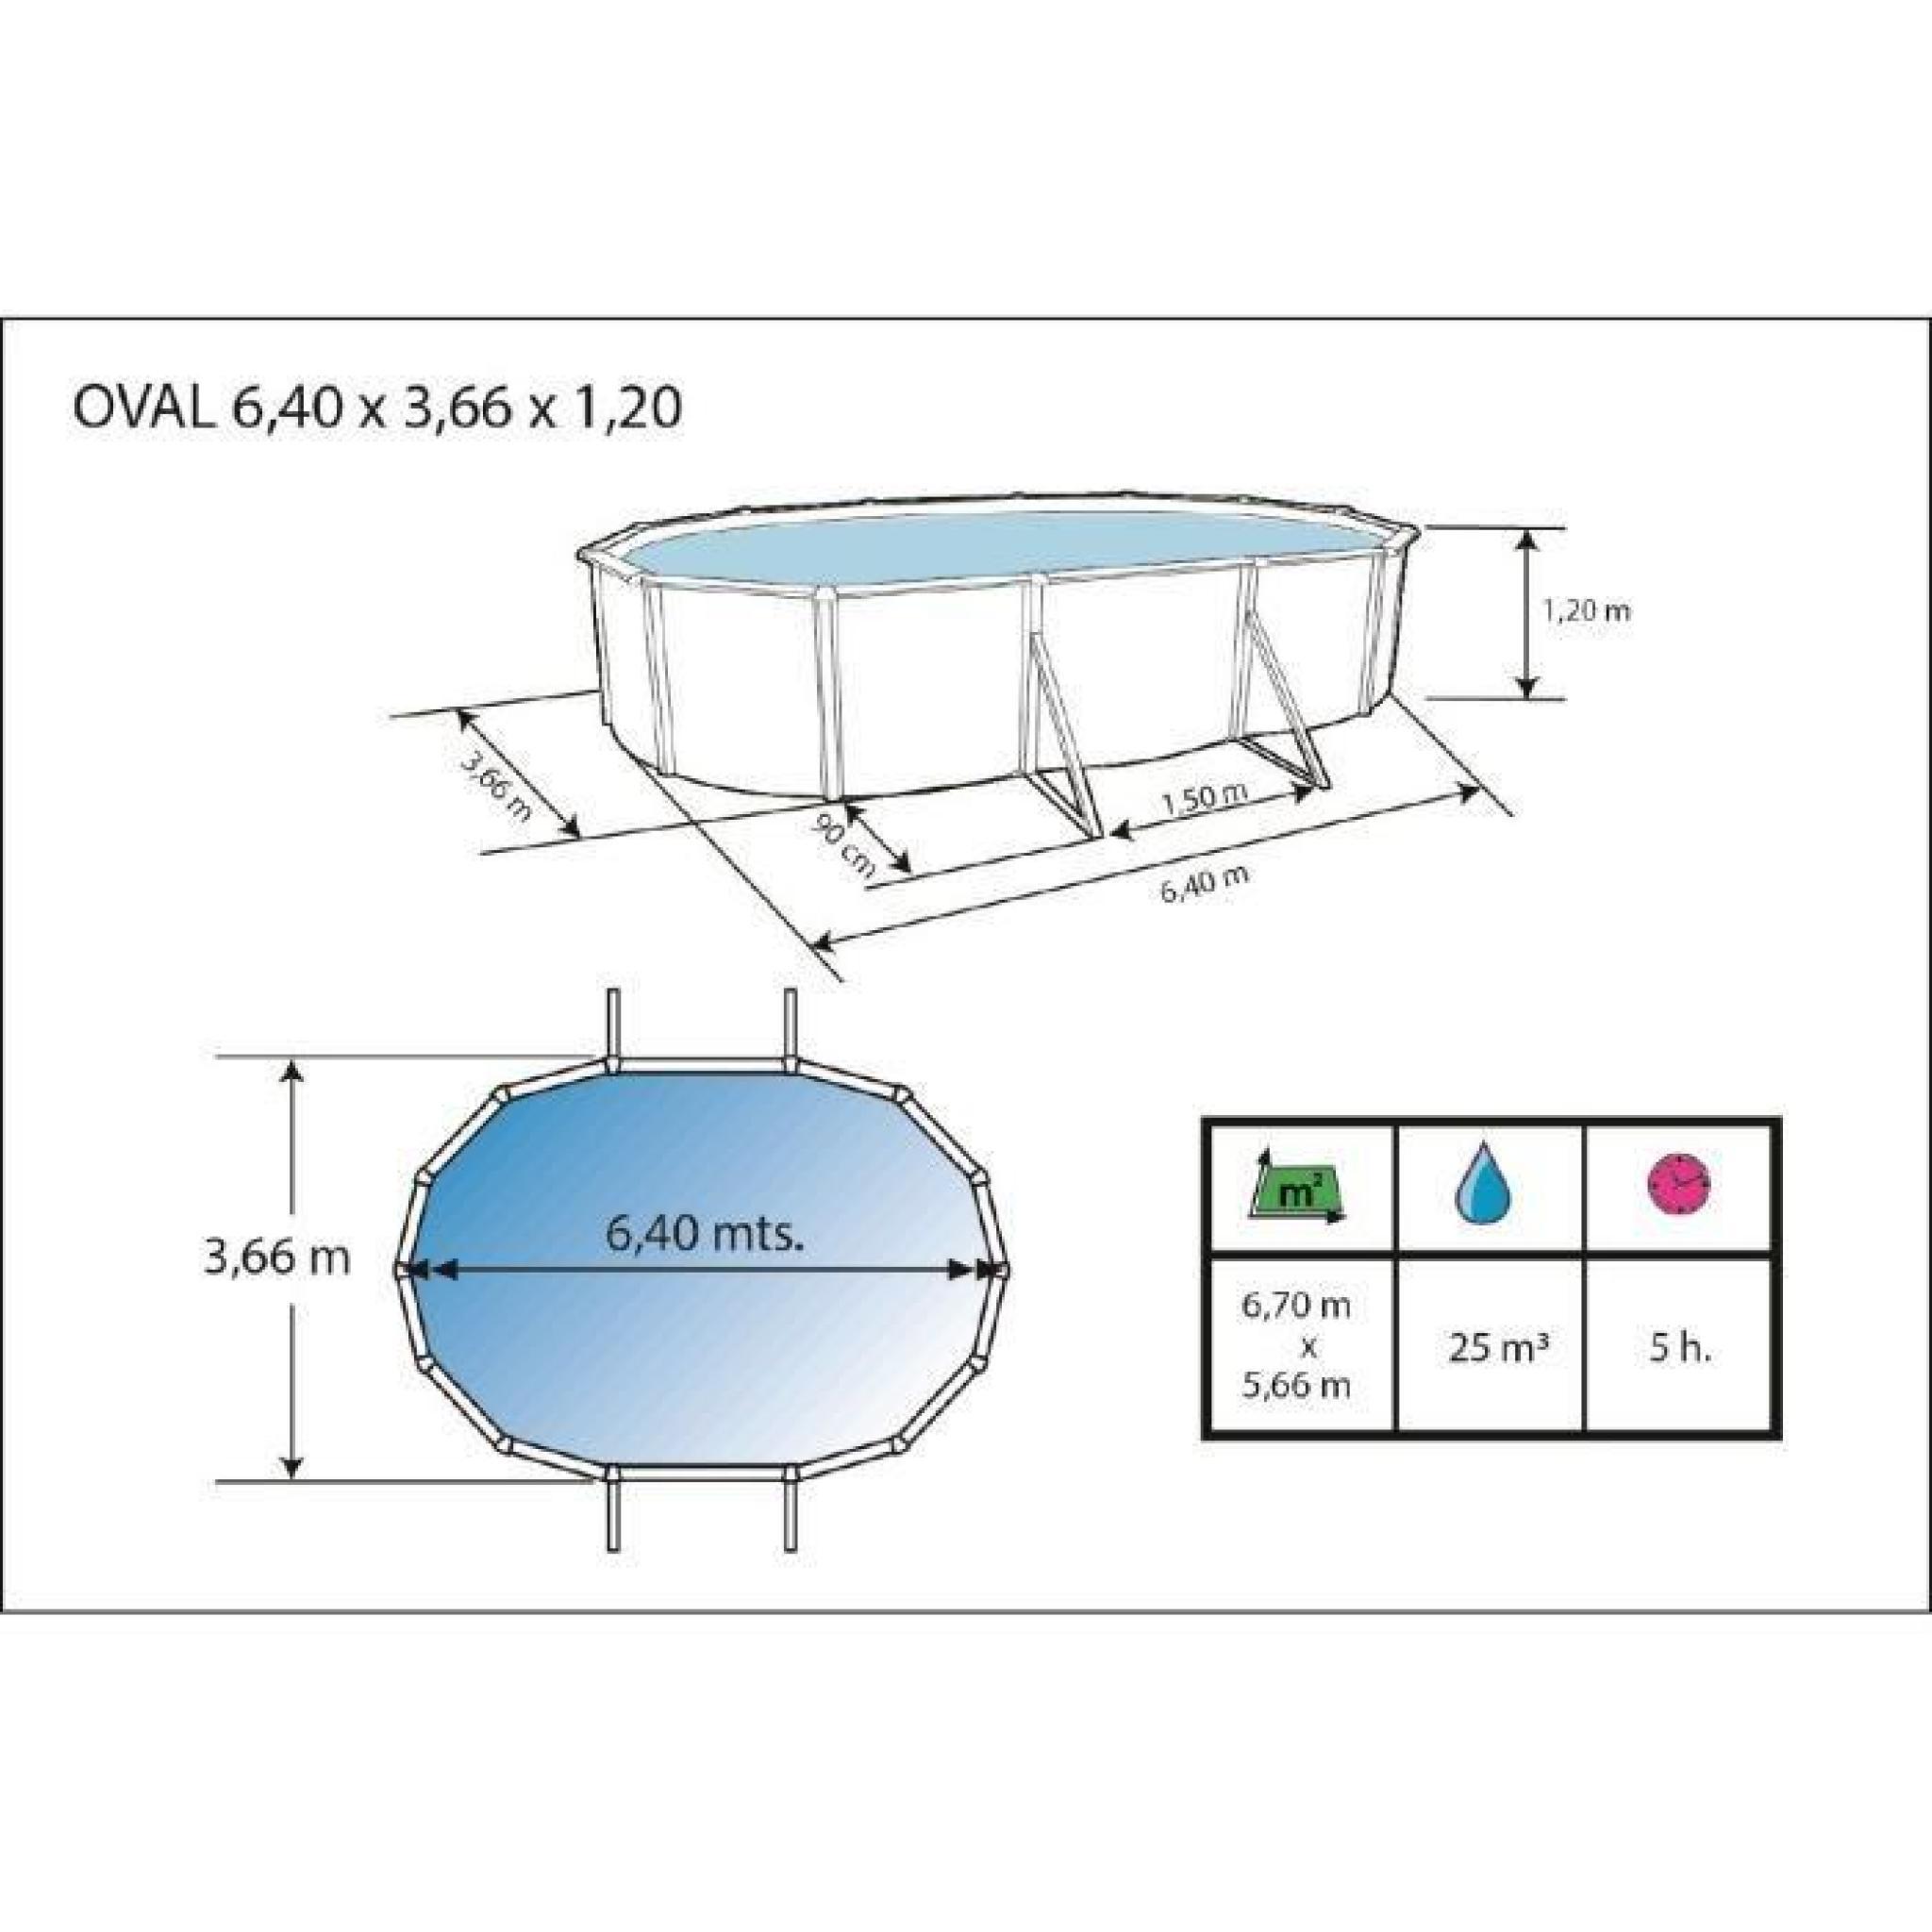 Mur piscine en acier ovale 640x366x120 achat vente - Piscine hors sol acier pas cher ...